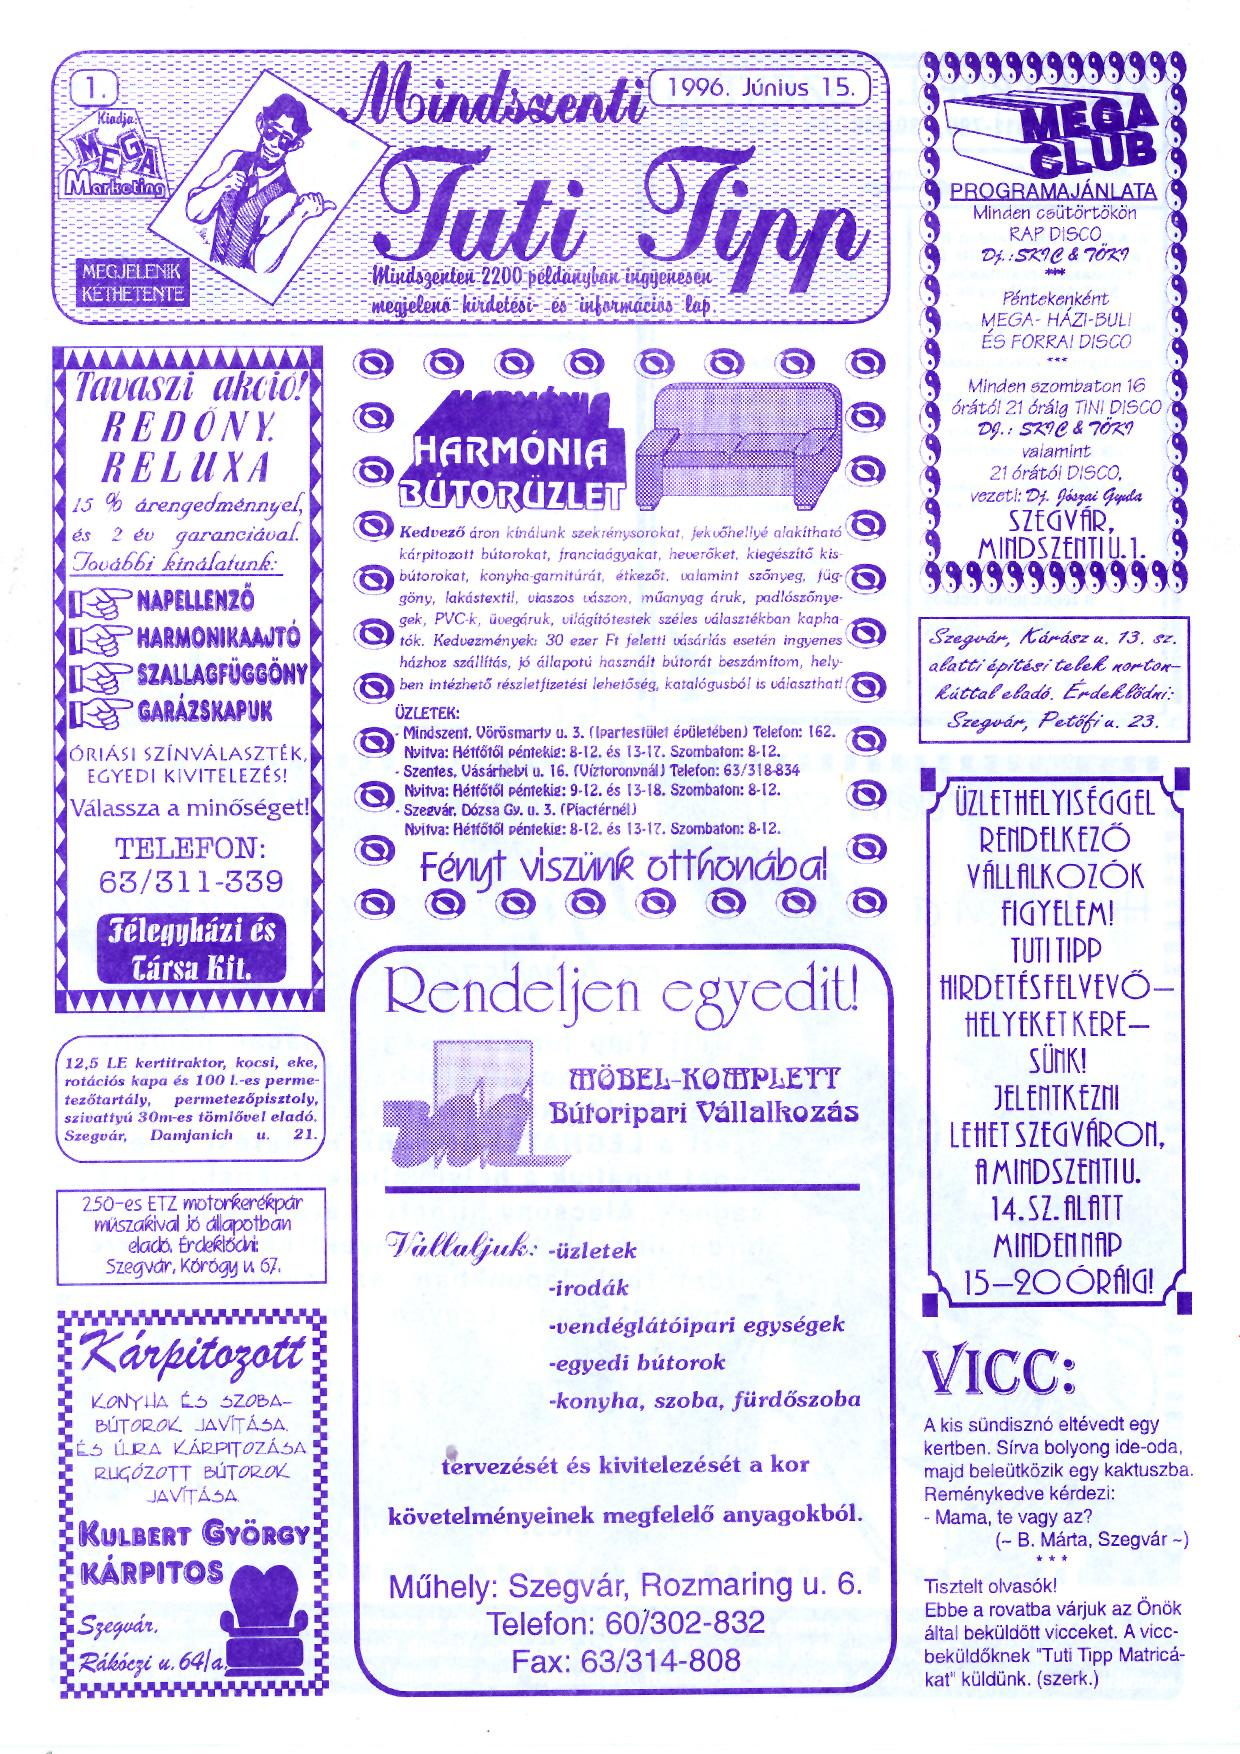 027 Mindszenti Tuti Tipp reklámújság - 19960615-001. lapszám - 1.oldal - II. évfolyam.jpg